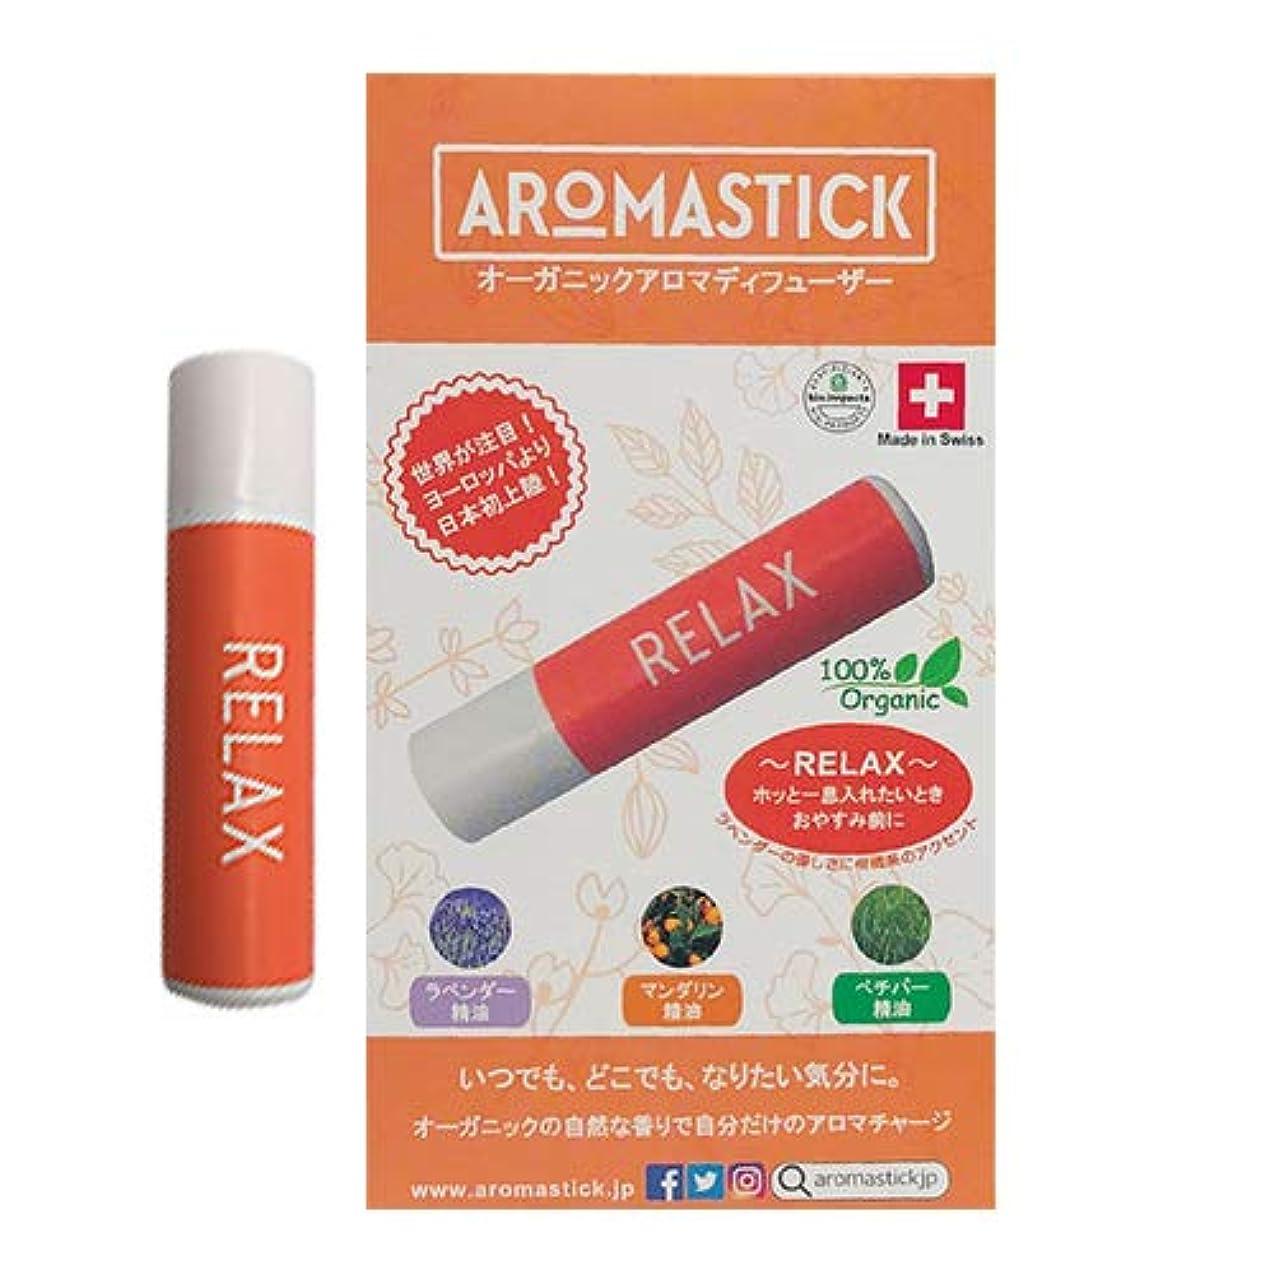 解体する良心まどろみのあるオーガニックアロマディフューザー アロマスティック(aromastick) リラックス [RELAX] ×3個セット